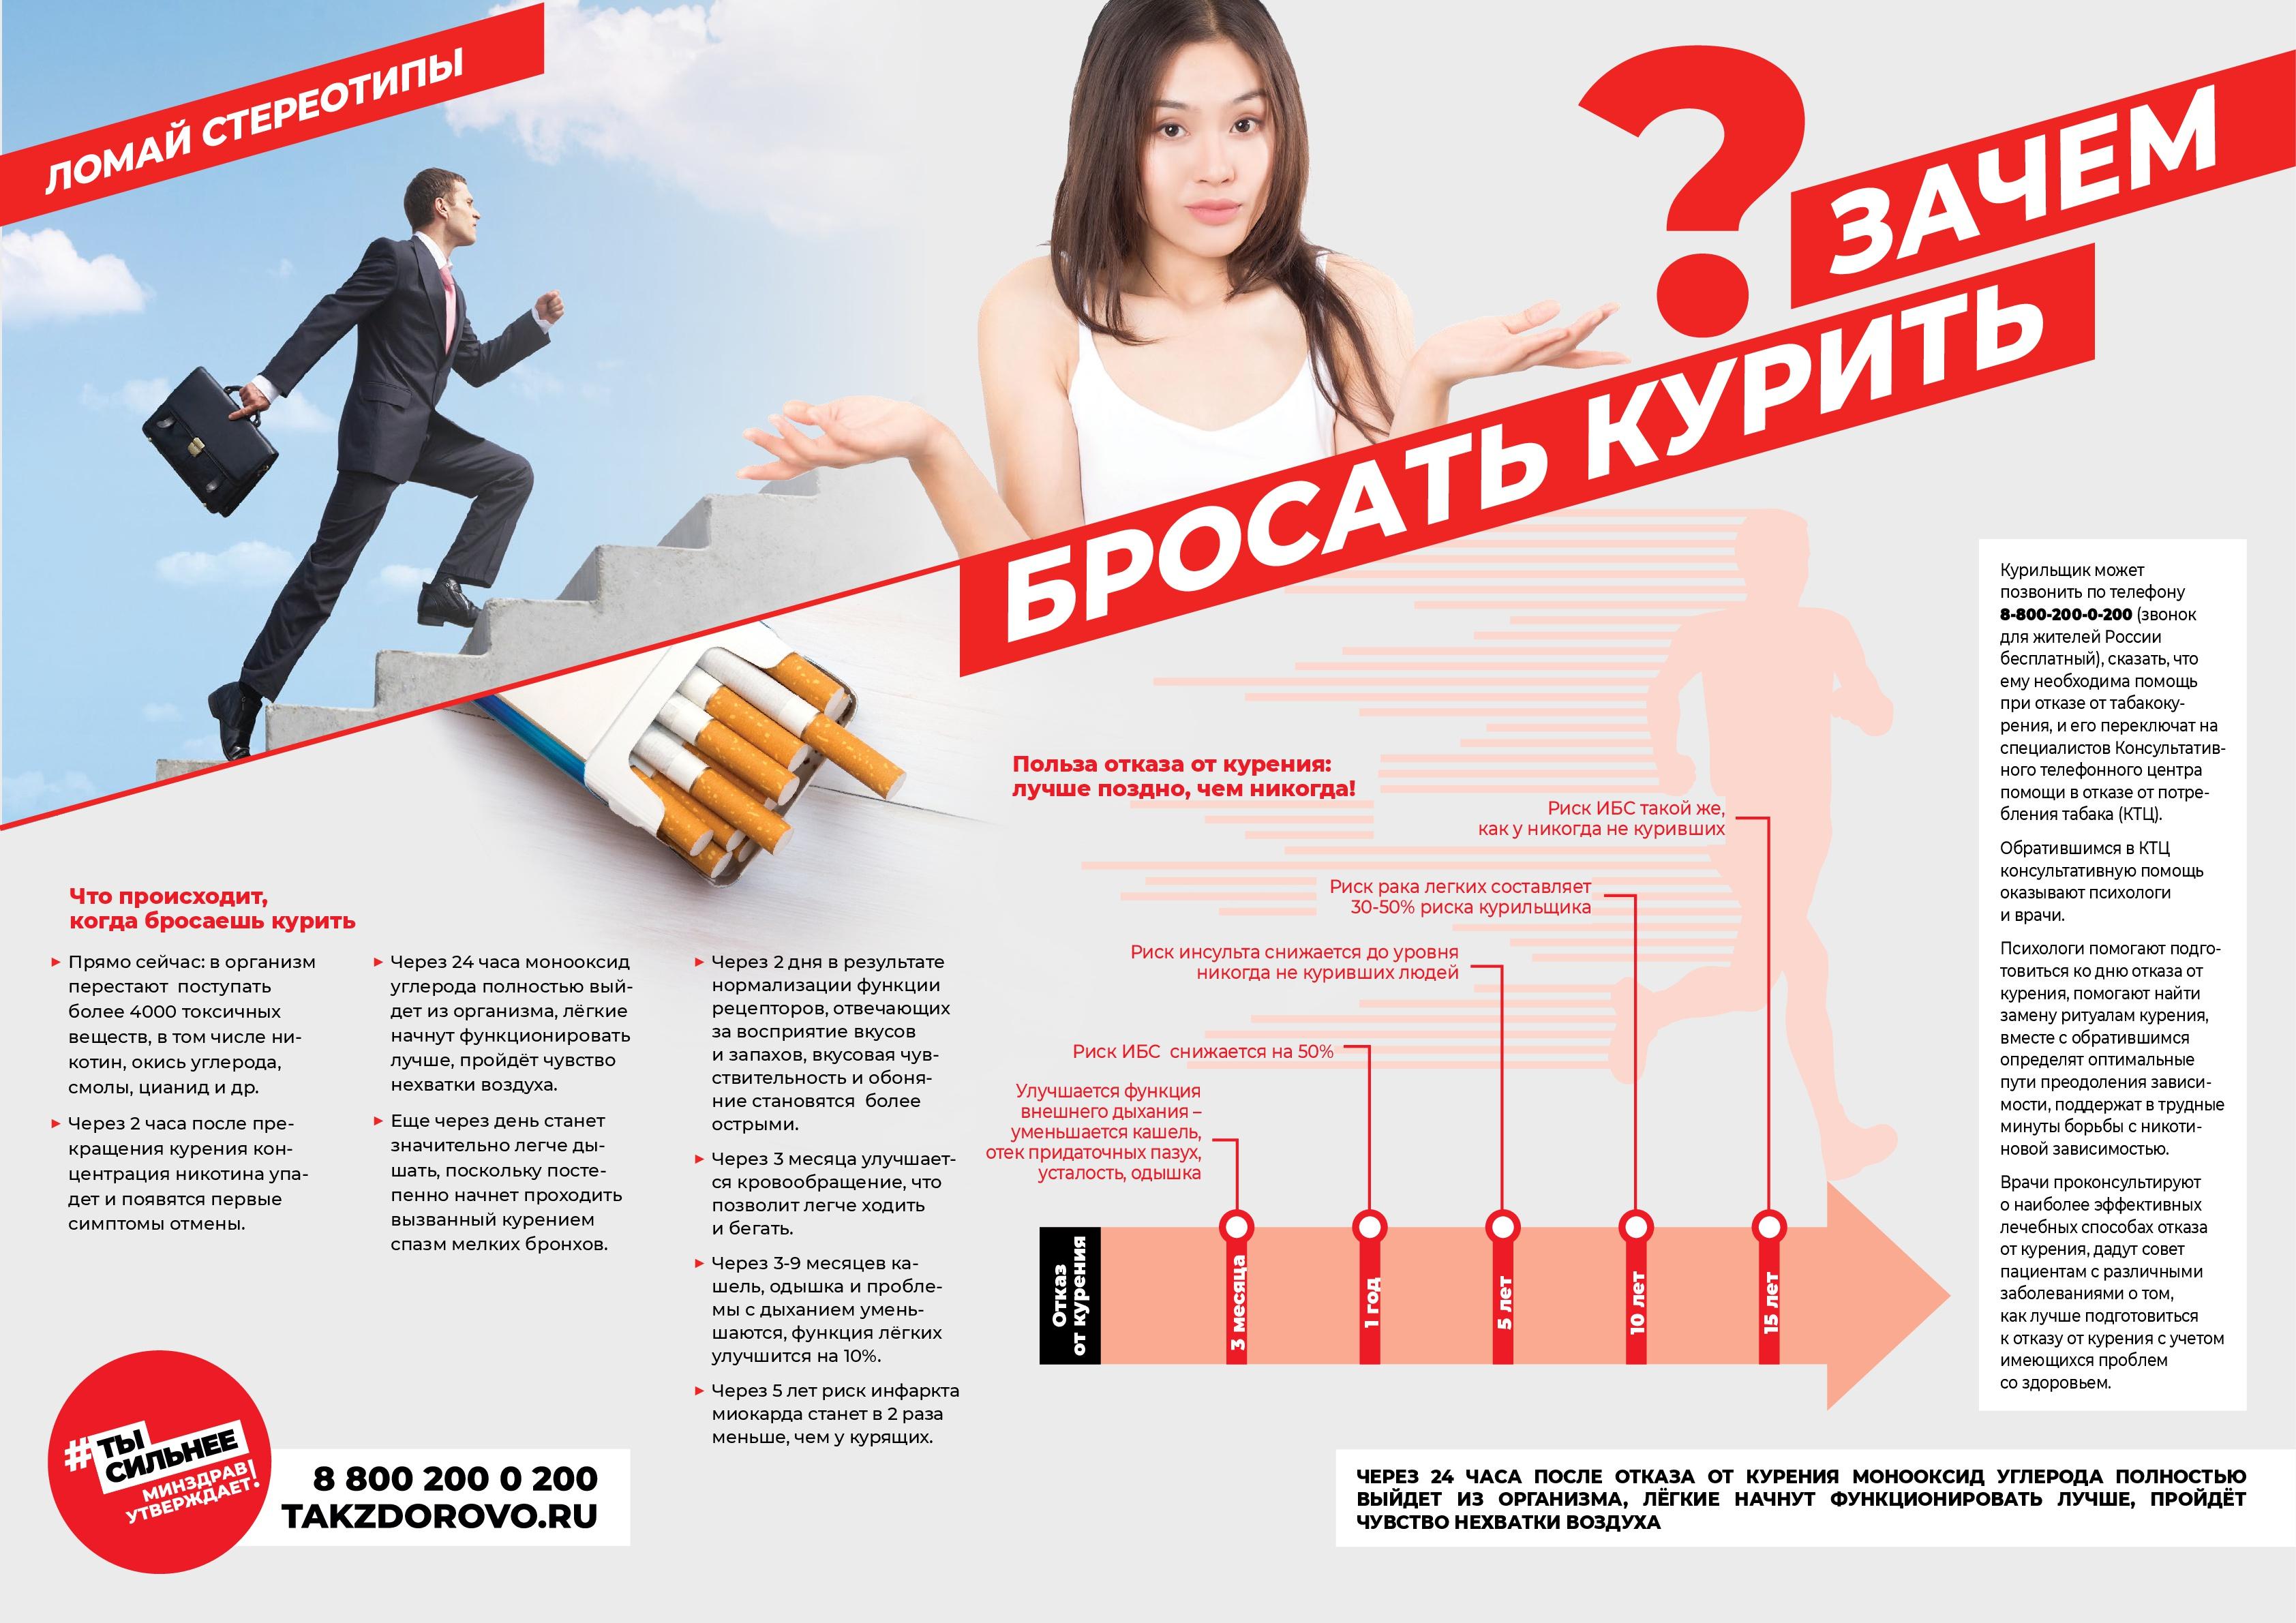 Зачем брость курить?